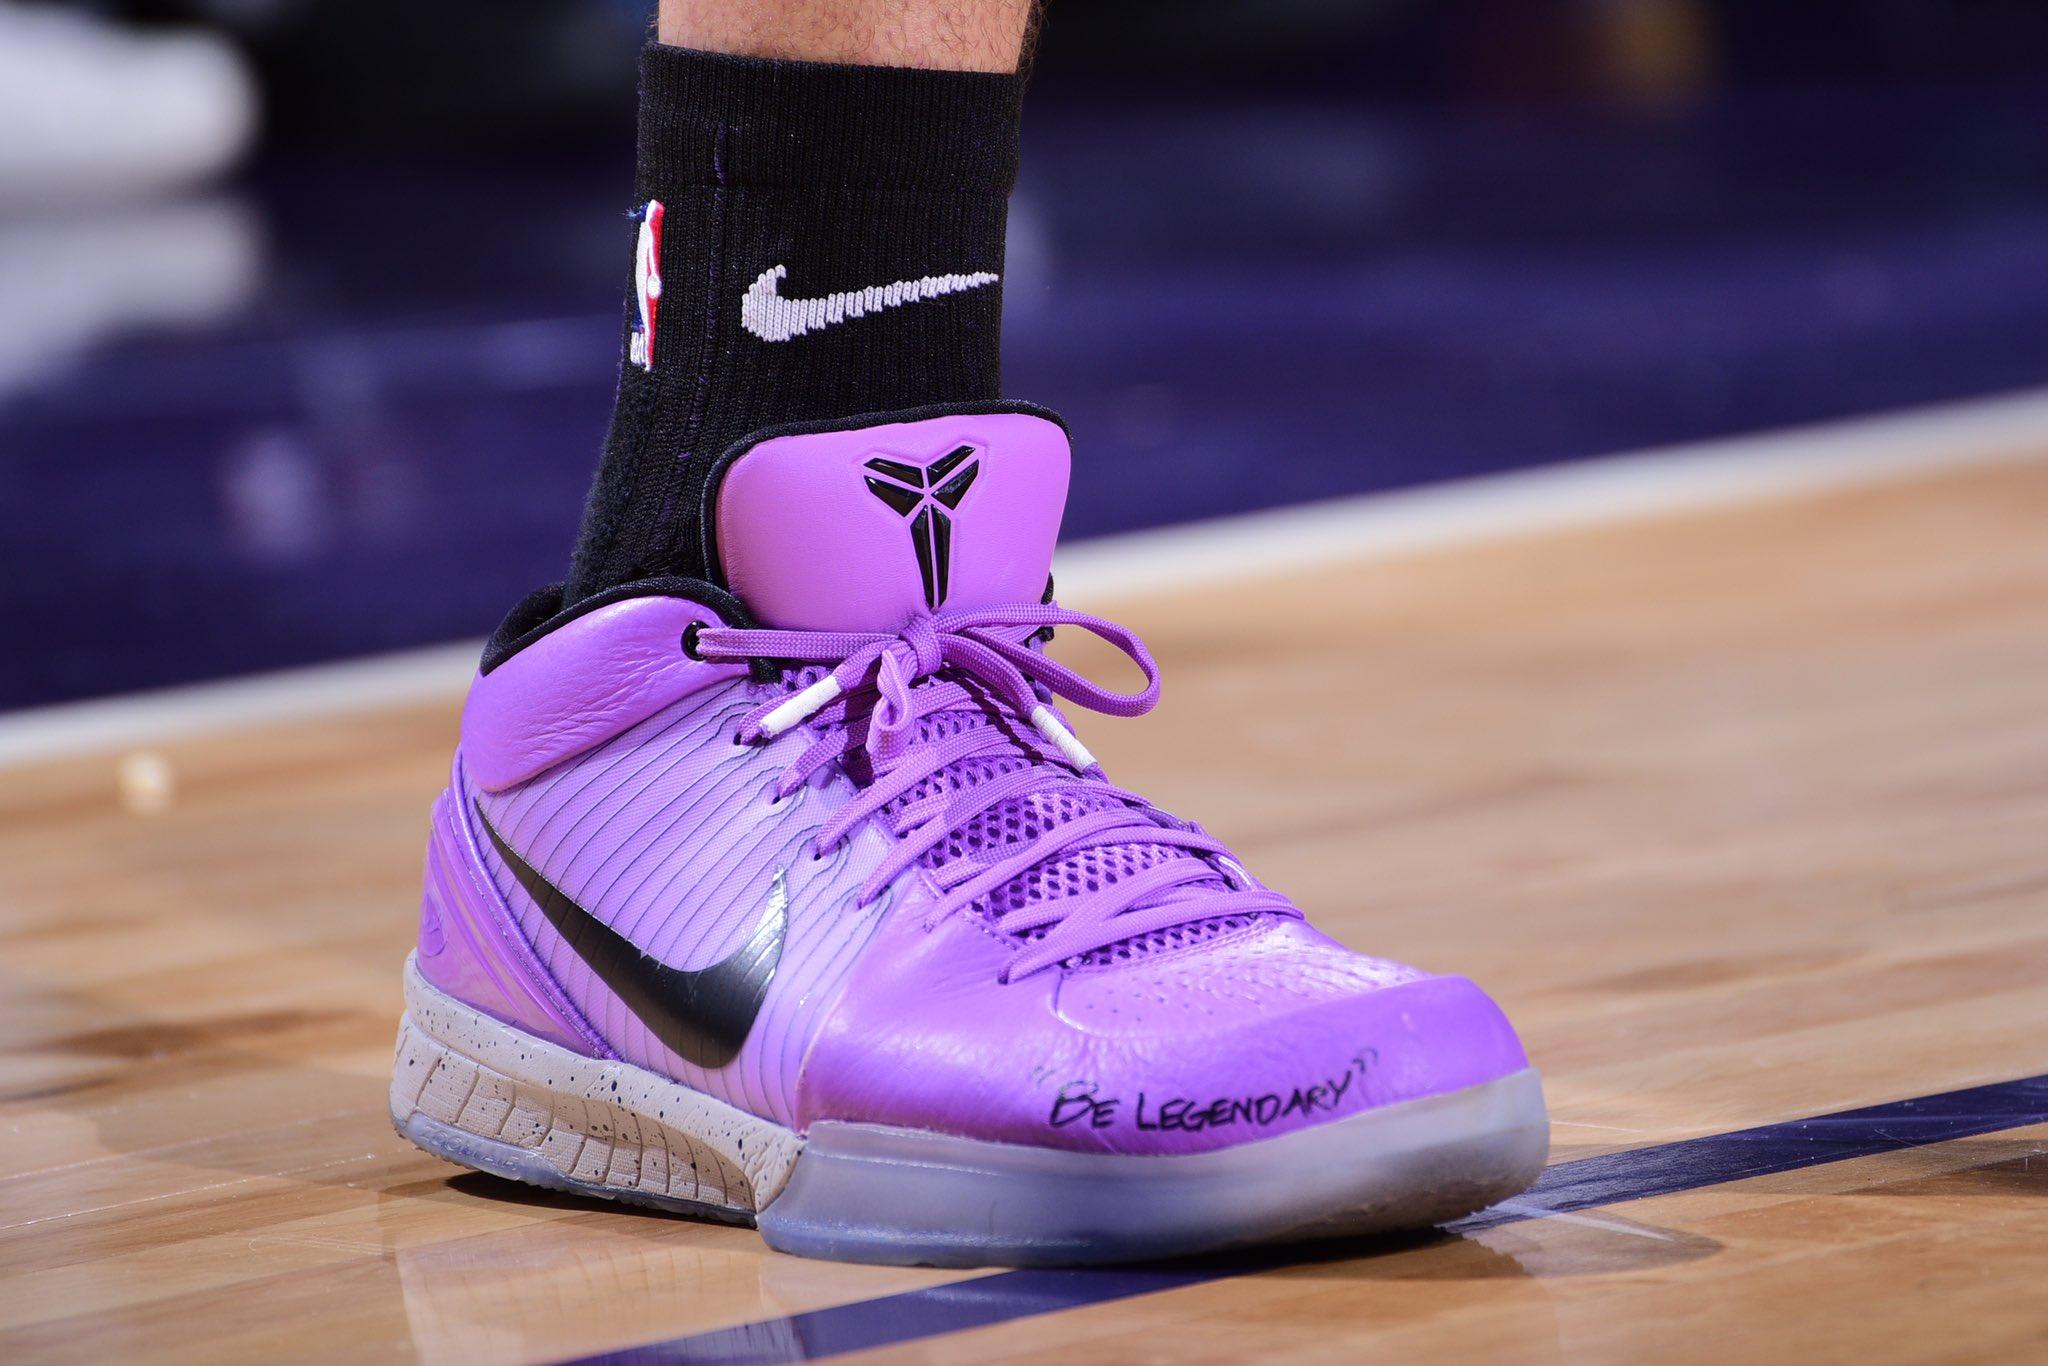 """布克今日上脚写着""""成为传奇""""的科比4代战靴"""